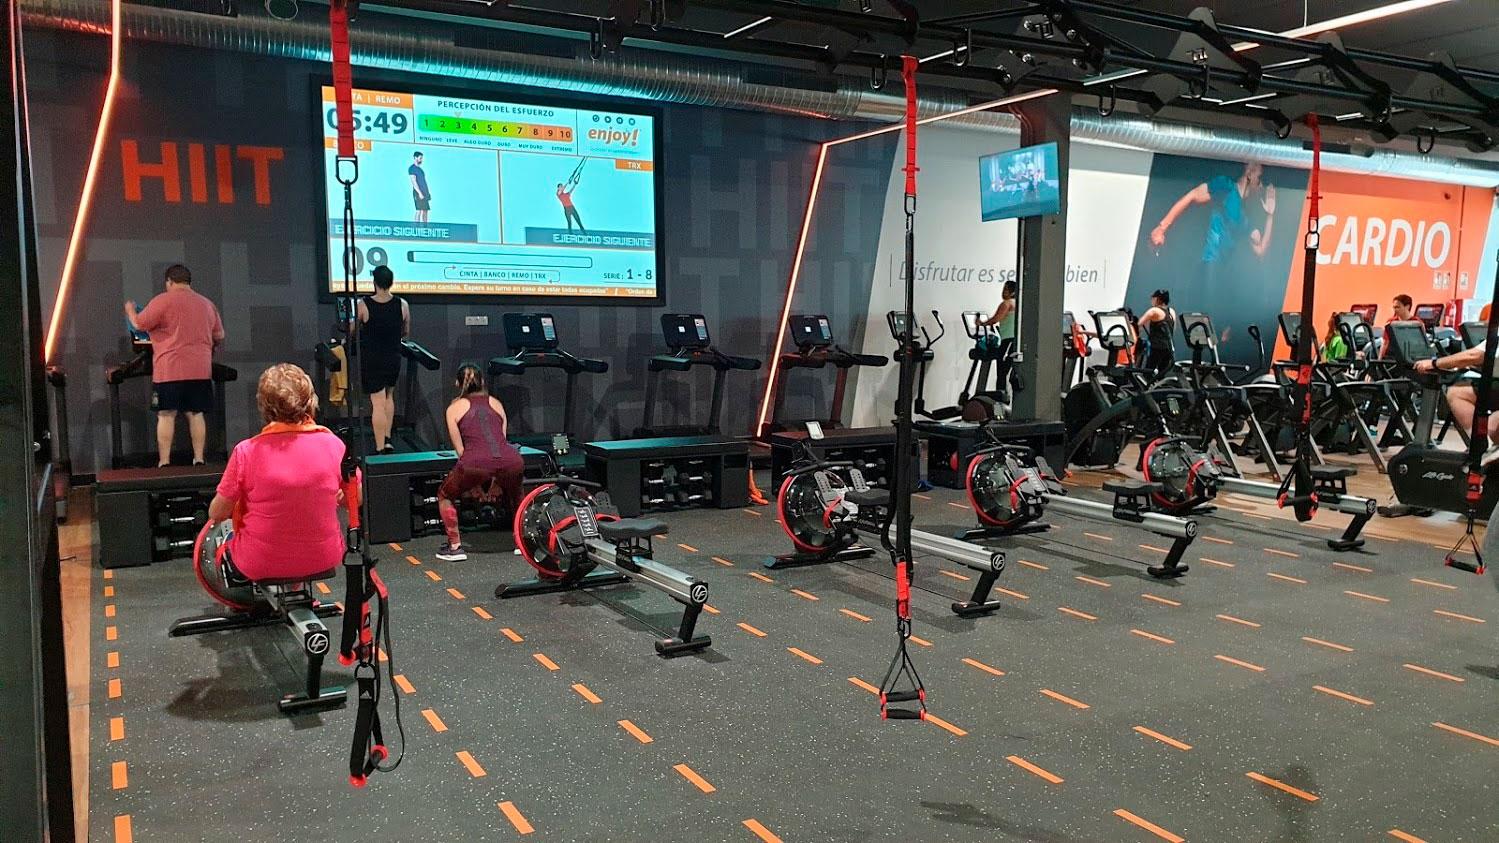 zona hiit entrenamiento con control pantalla